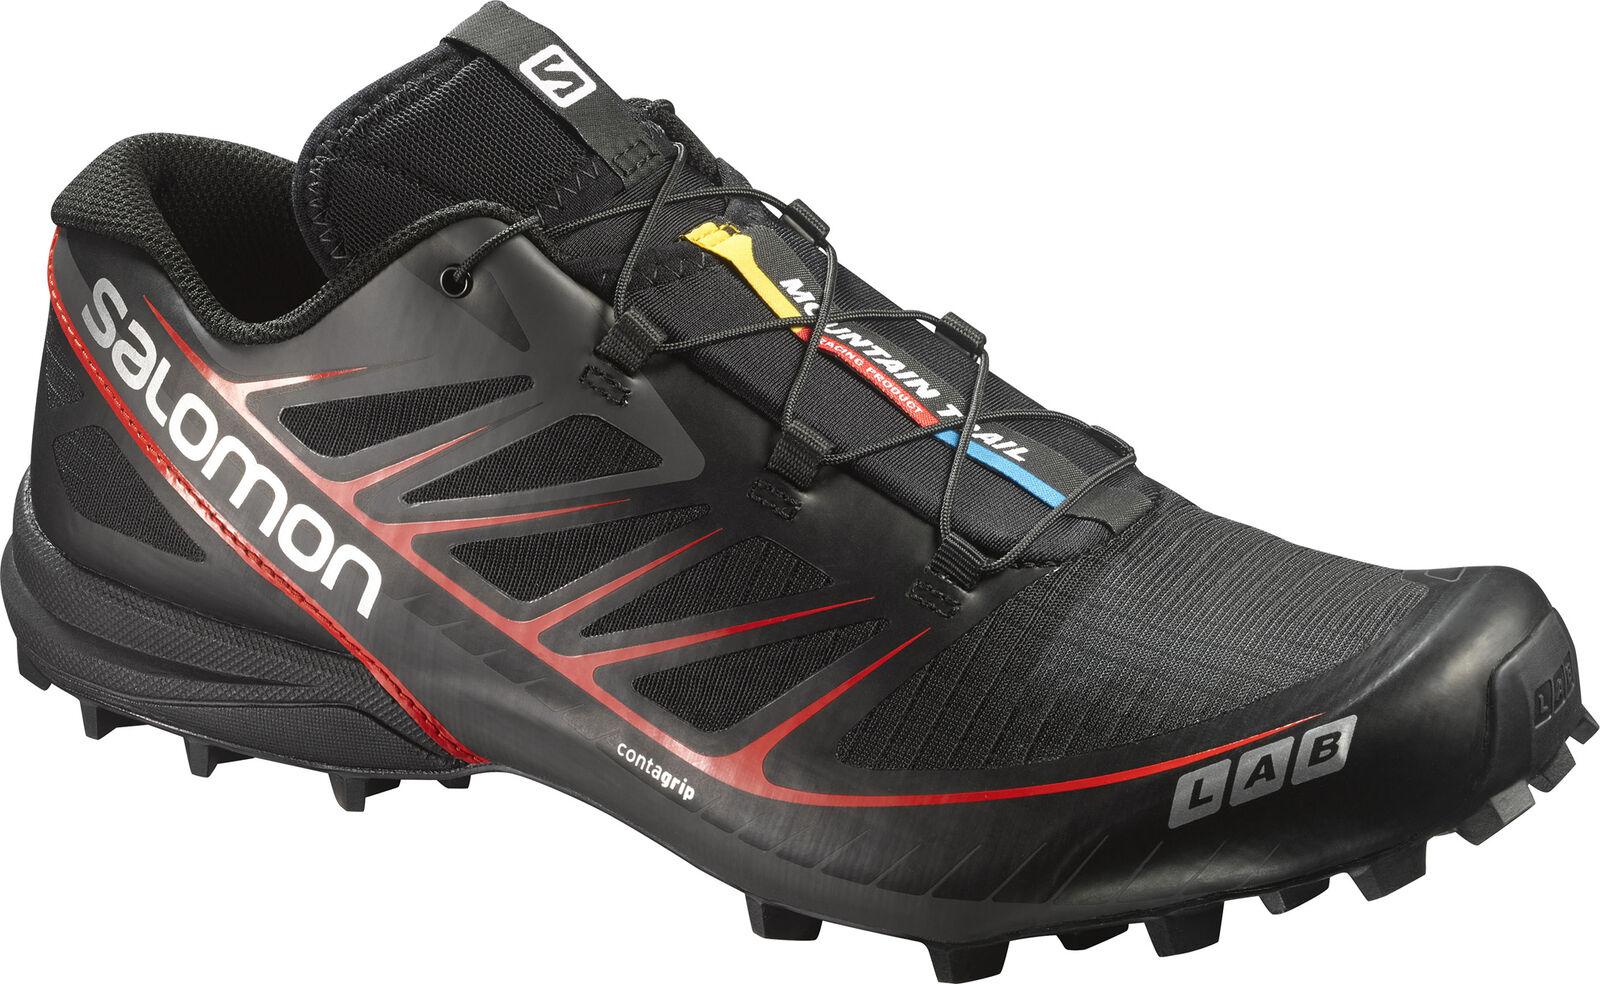 Negro para Hombre Salomon S-Lab velocidad Trail Running Zapatos-tamaños 6-11.5